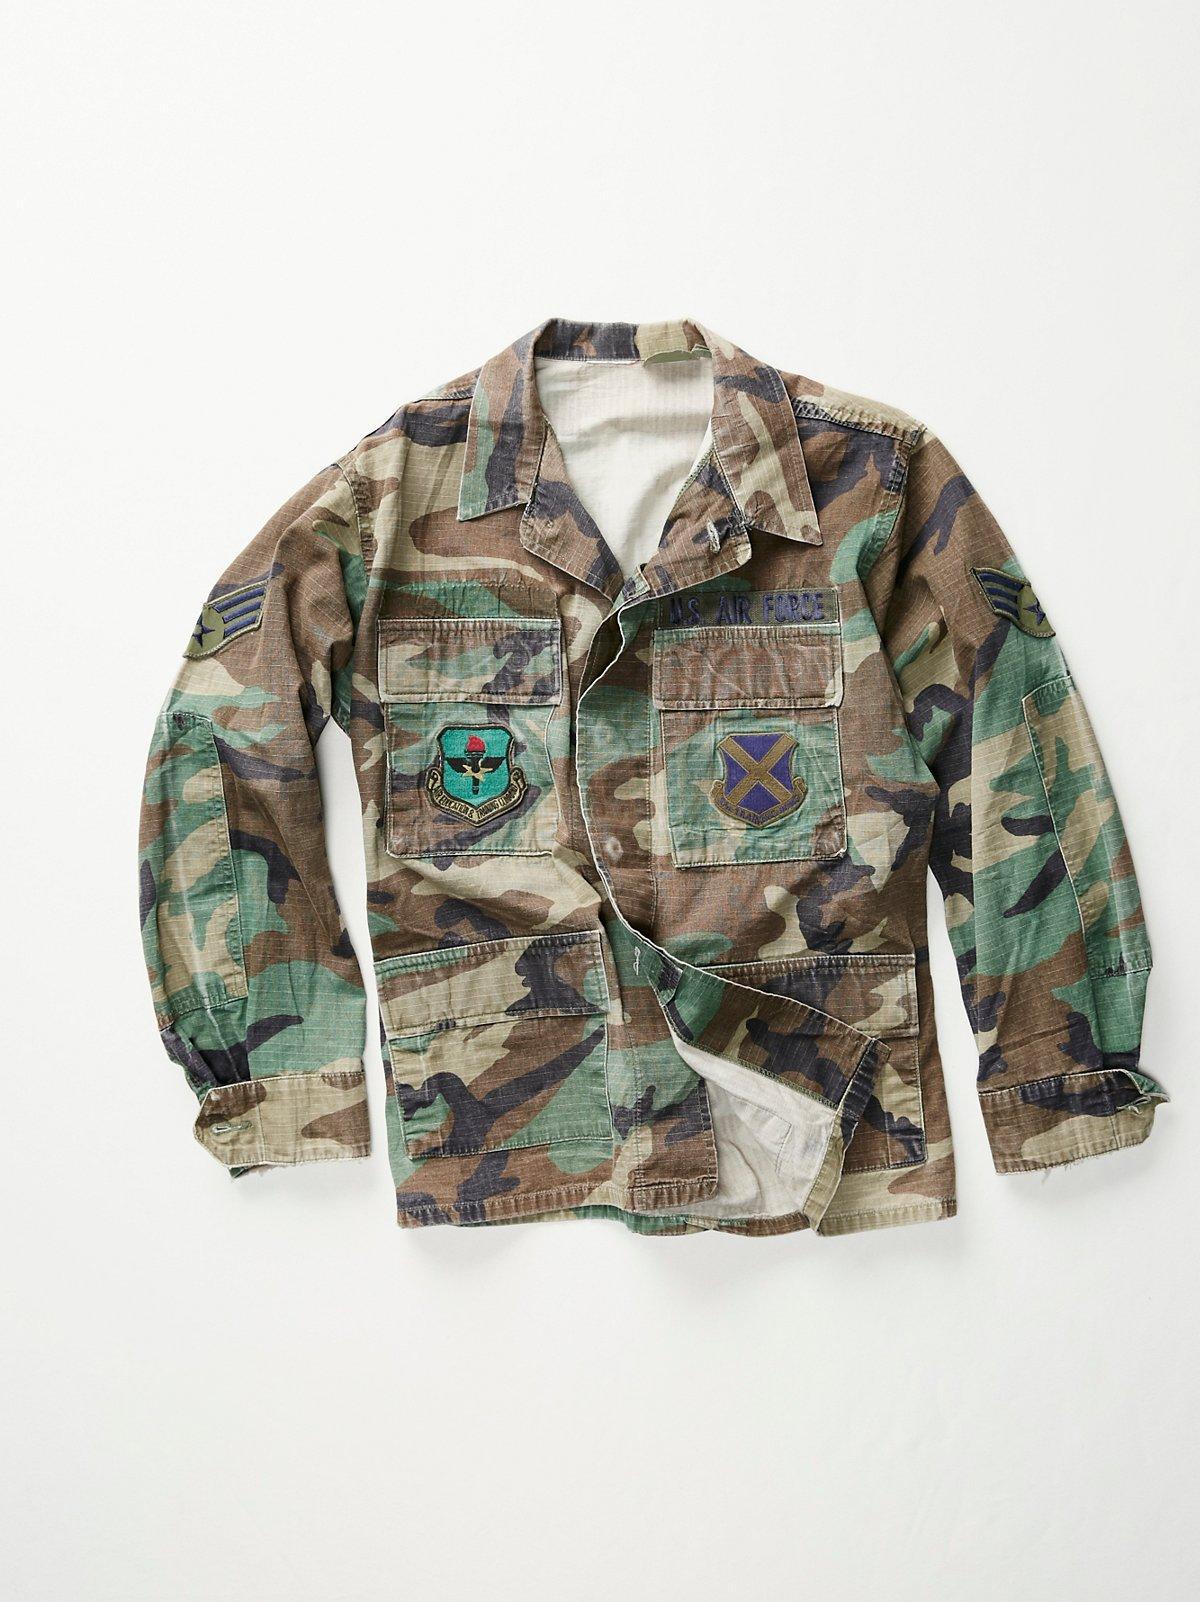 Vintage 1980s Army Jacket